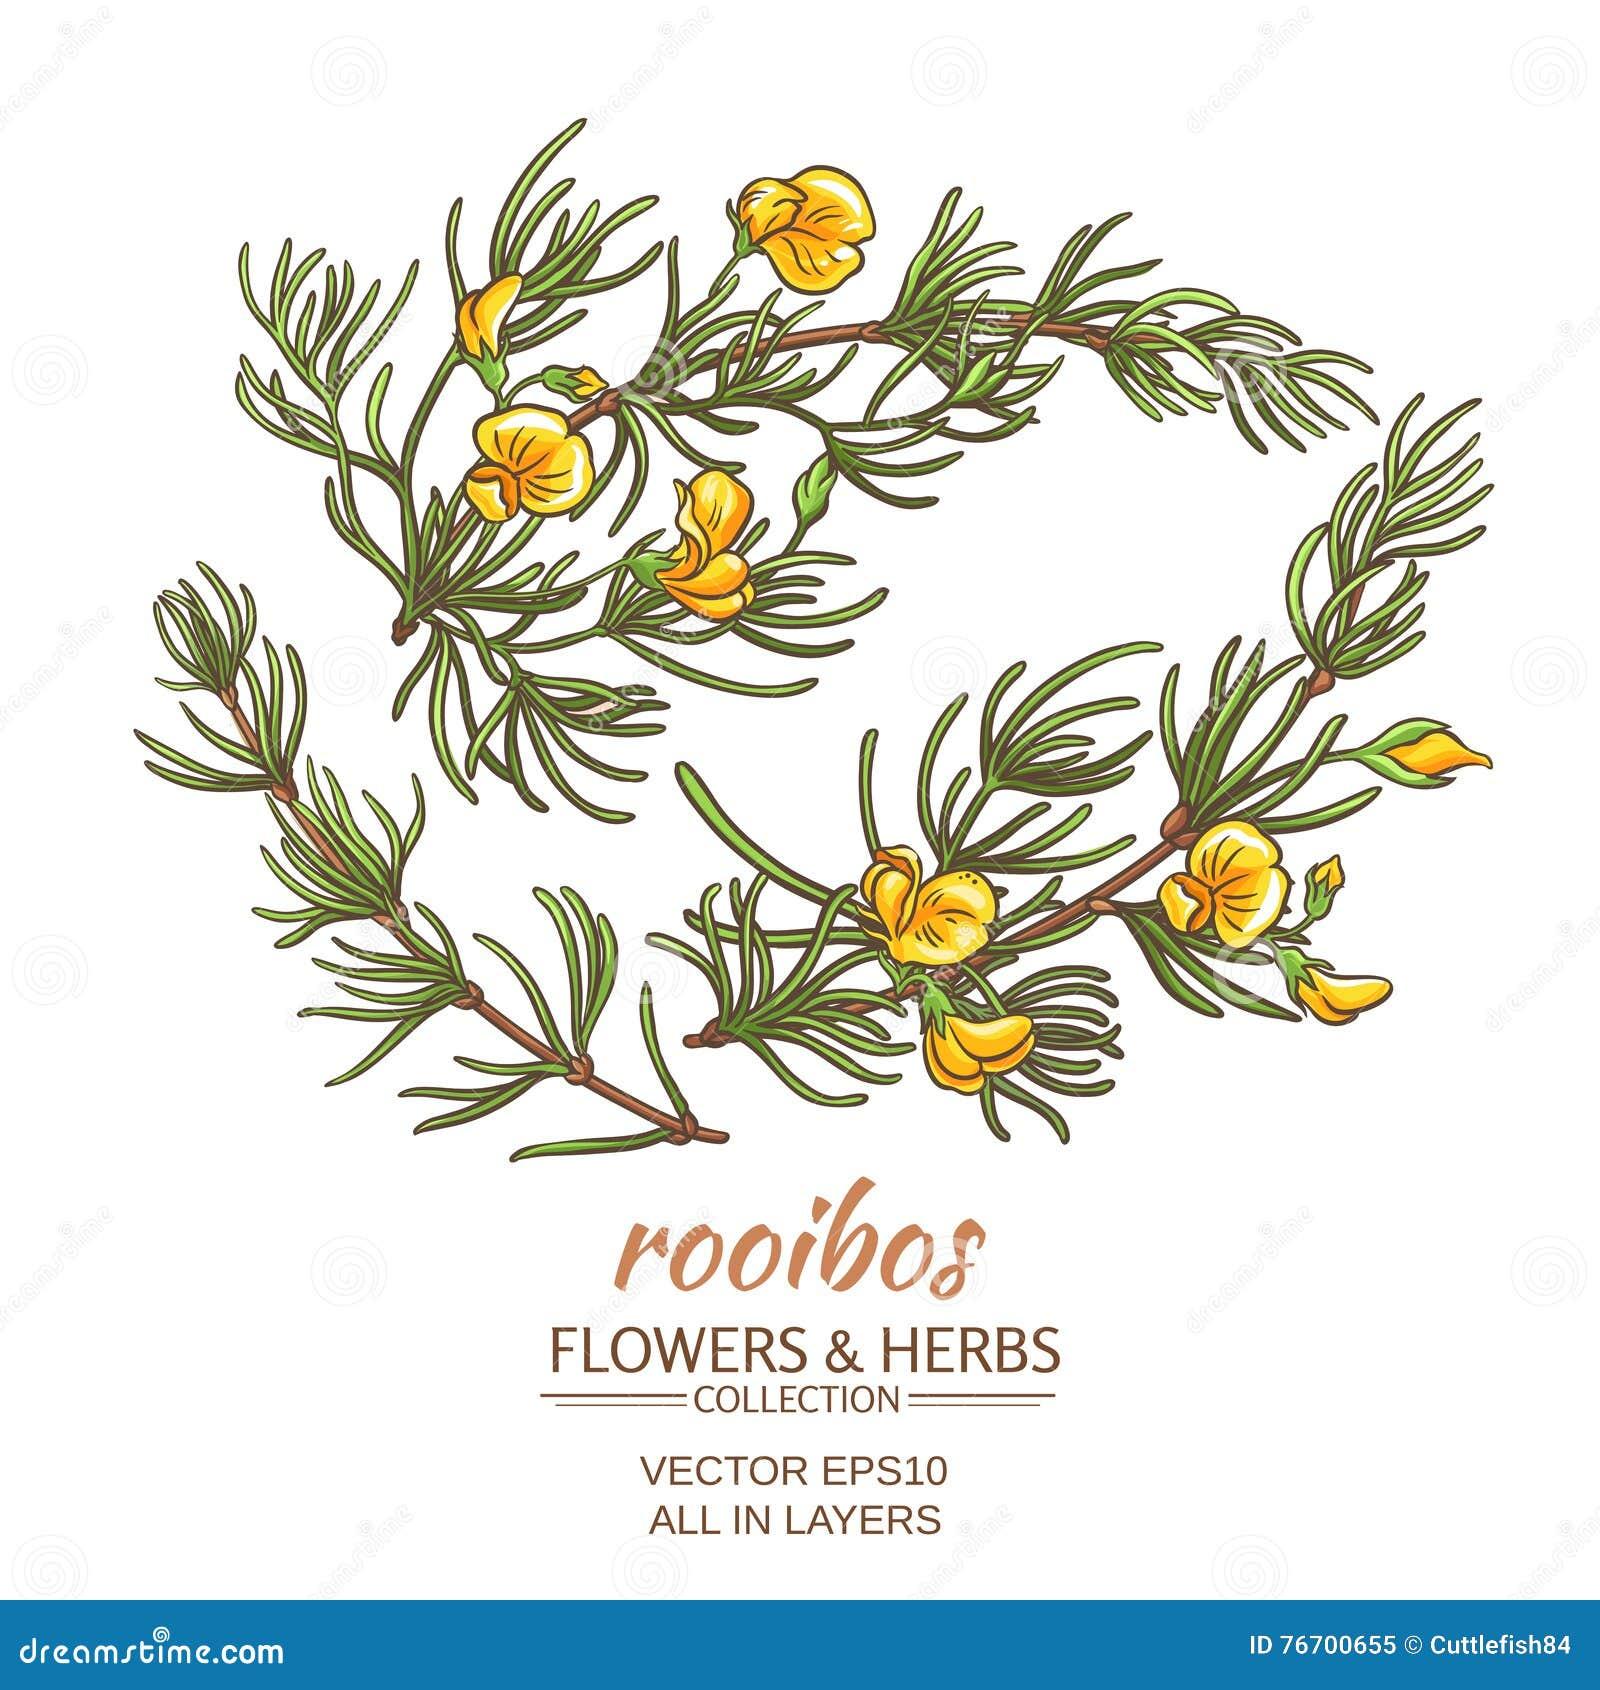 Rooibos-Vektorsatz